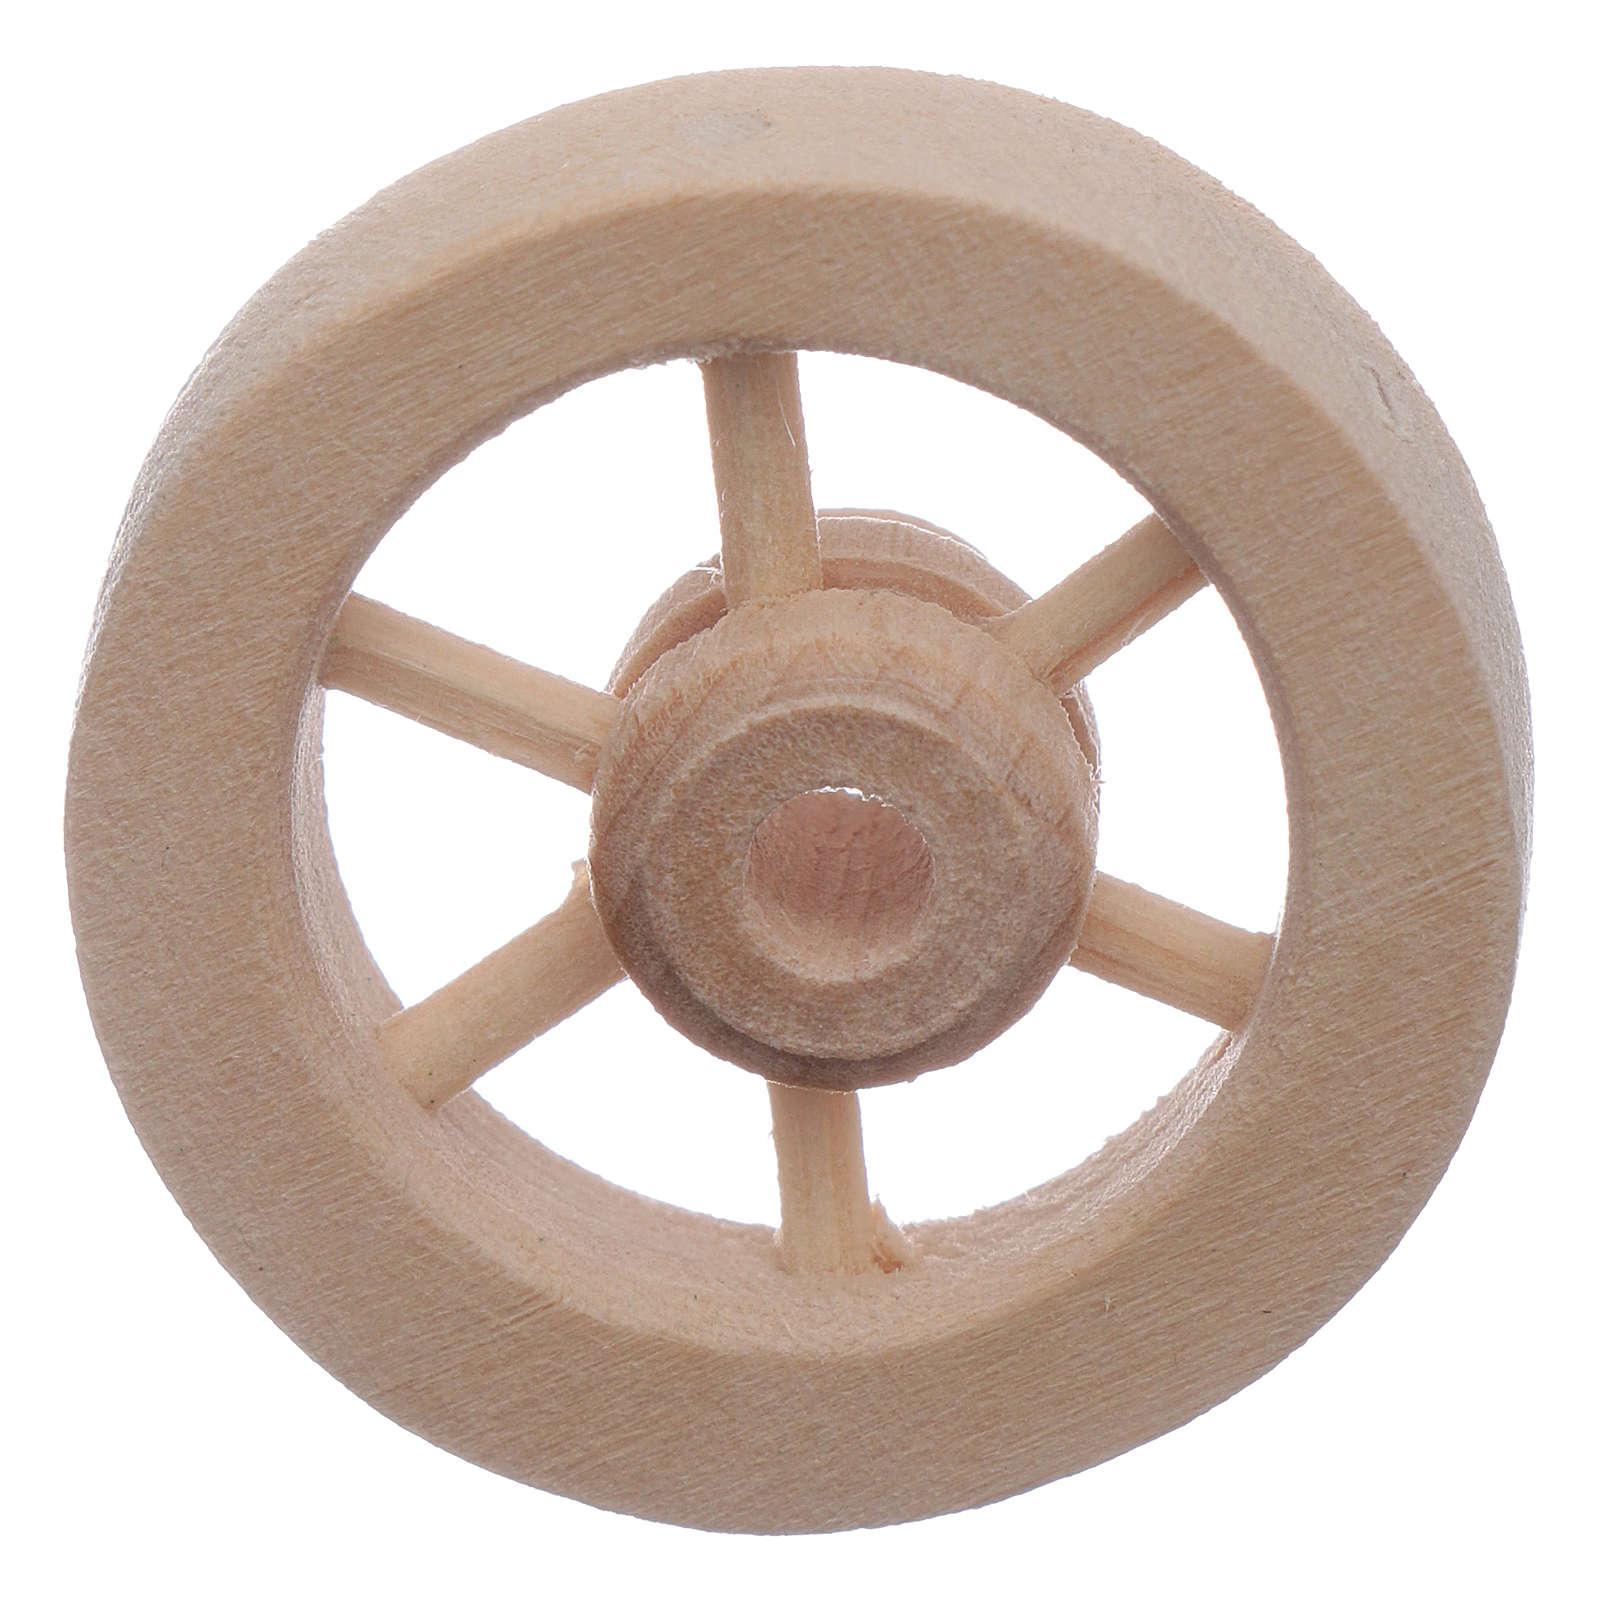 Ruota carro legno presepe diam. 3 cm 4